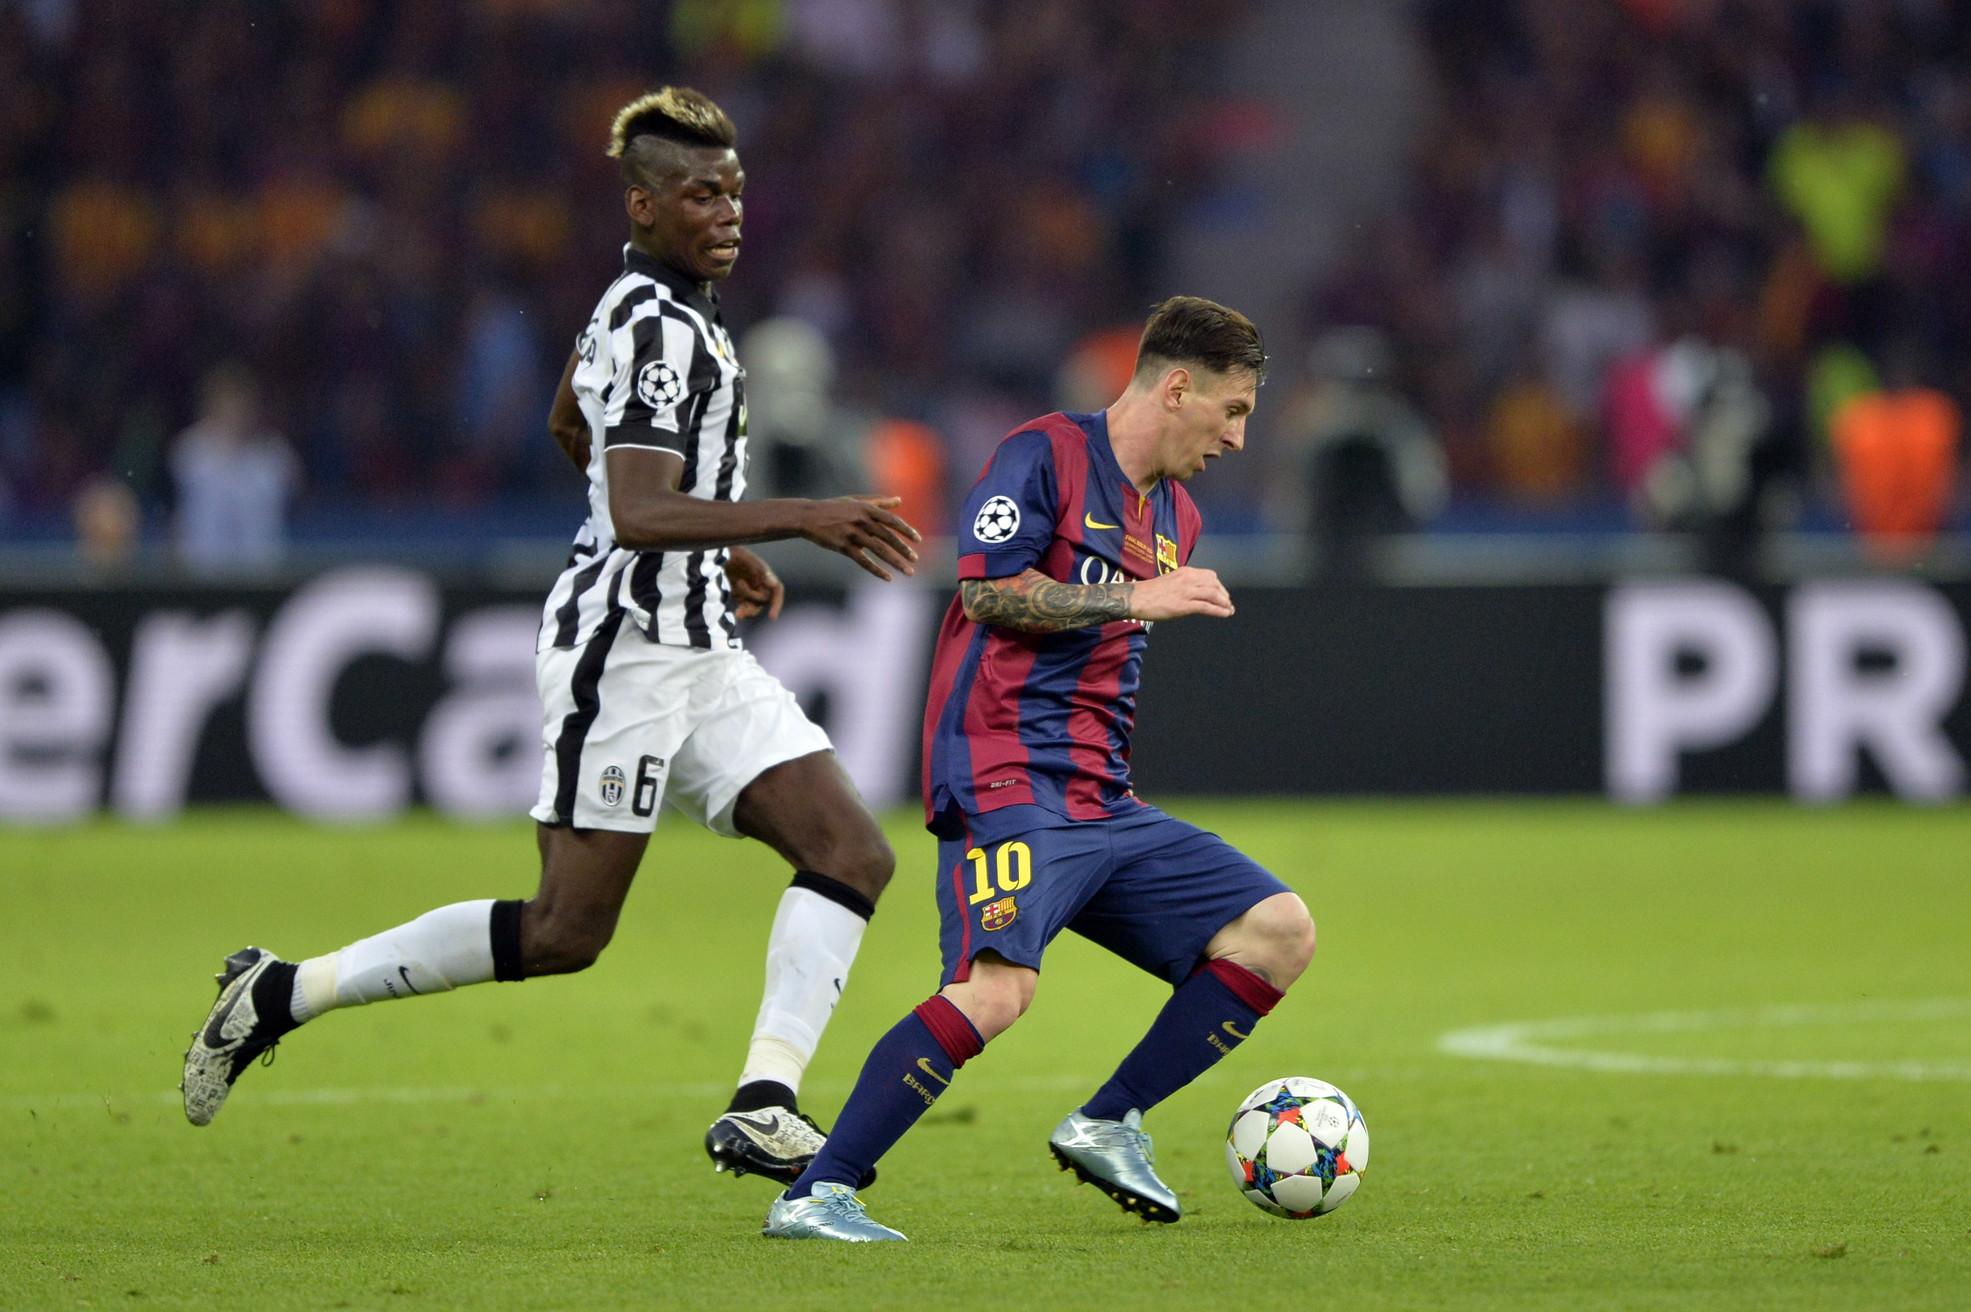 Il 6 giugno 2015 il Barcellona batteva la Juventus 3-1 in finale di Champions League: le immagini della partita.